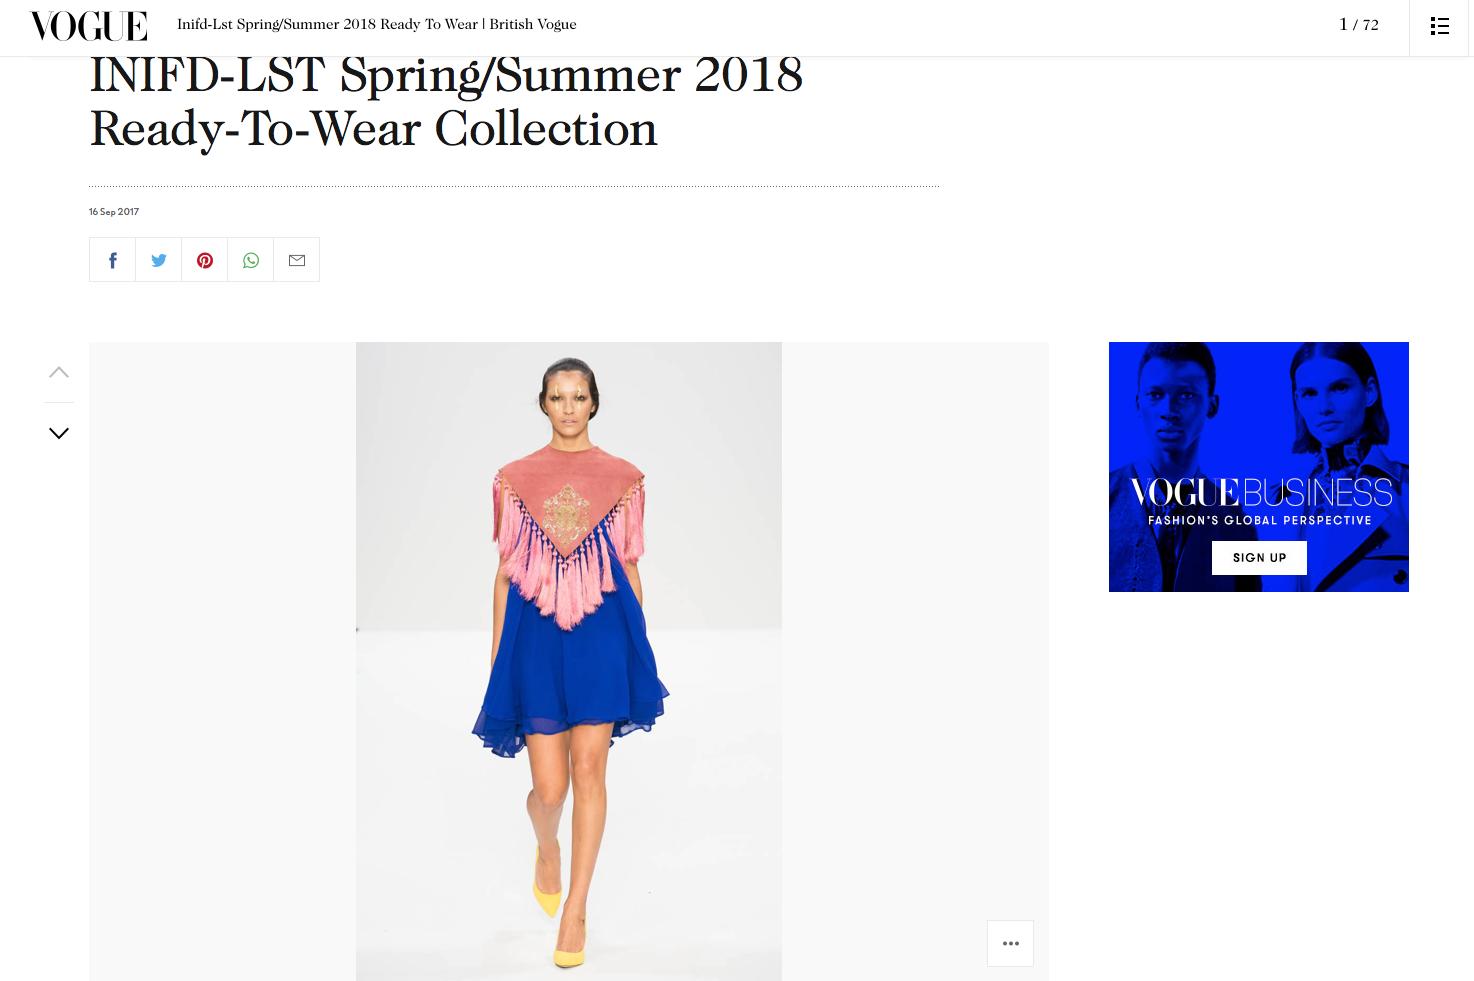 INIFD- LST Spring Summer 2018 Vogue